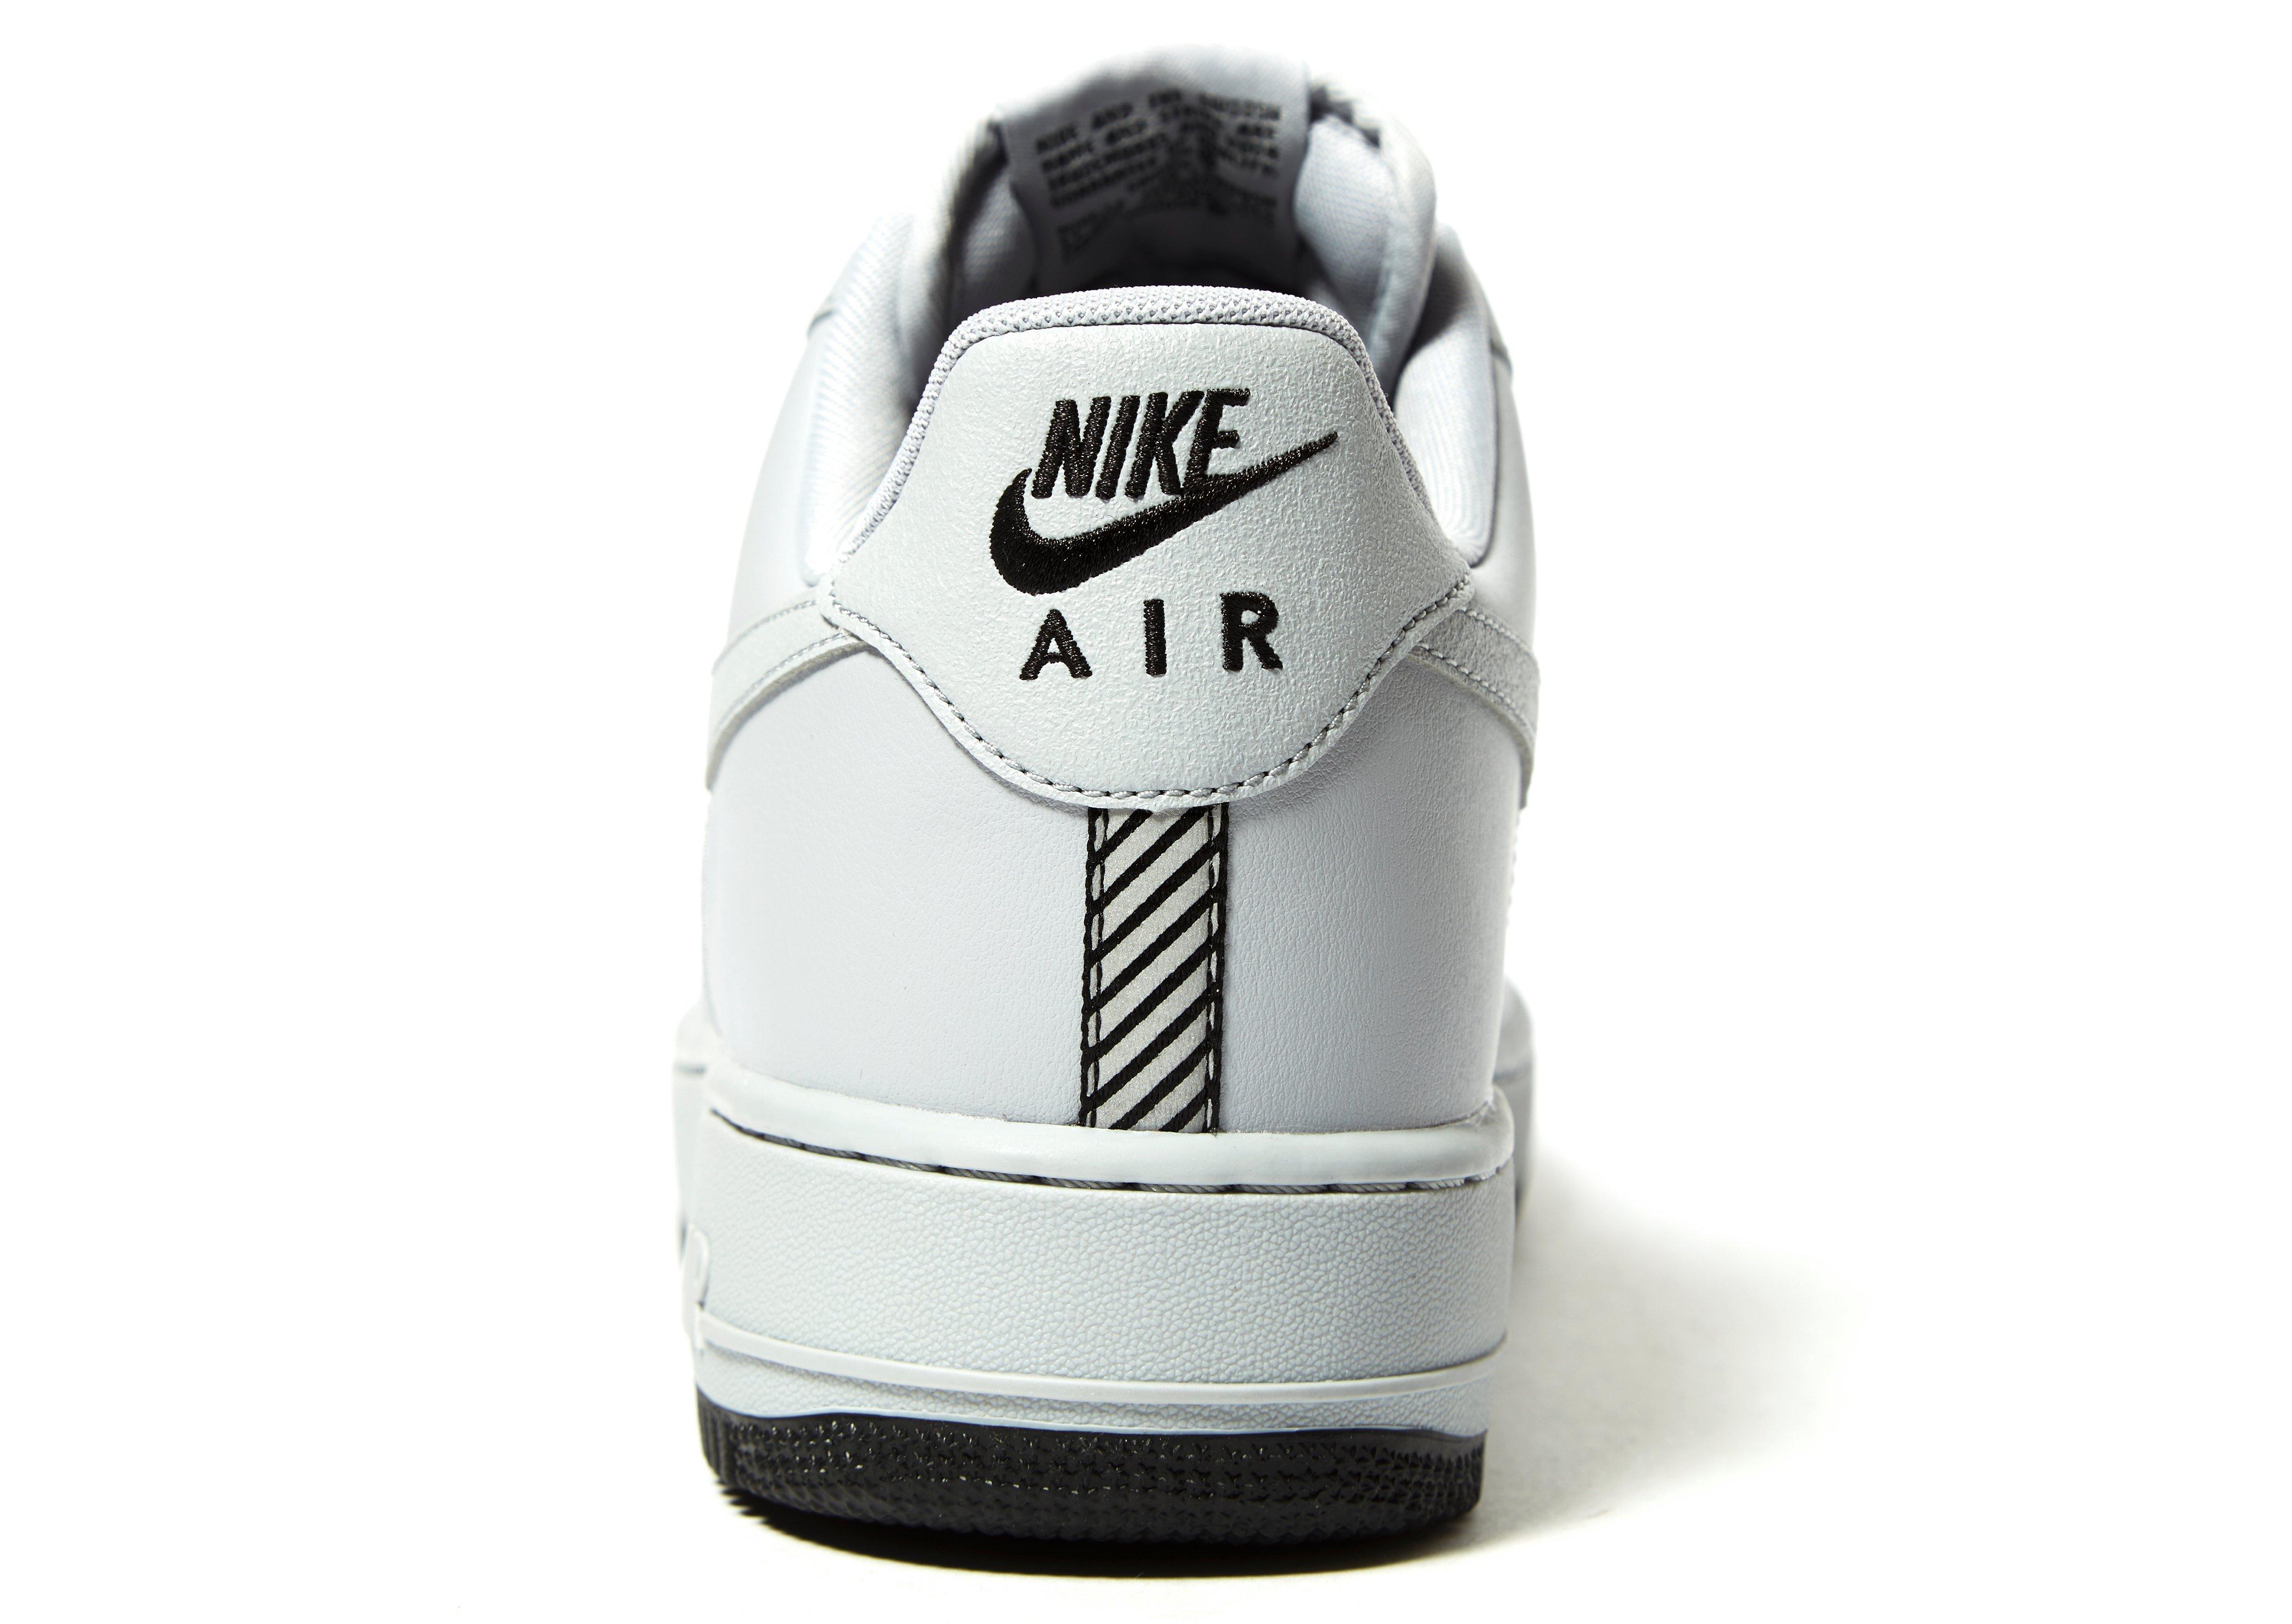 ecb4d75fd Buy Nike Air Max Ul 19 Y3 Trainers